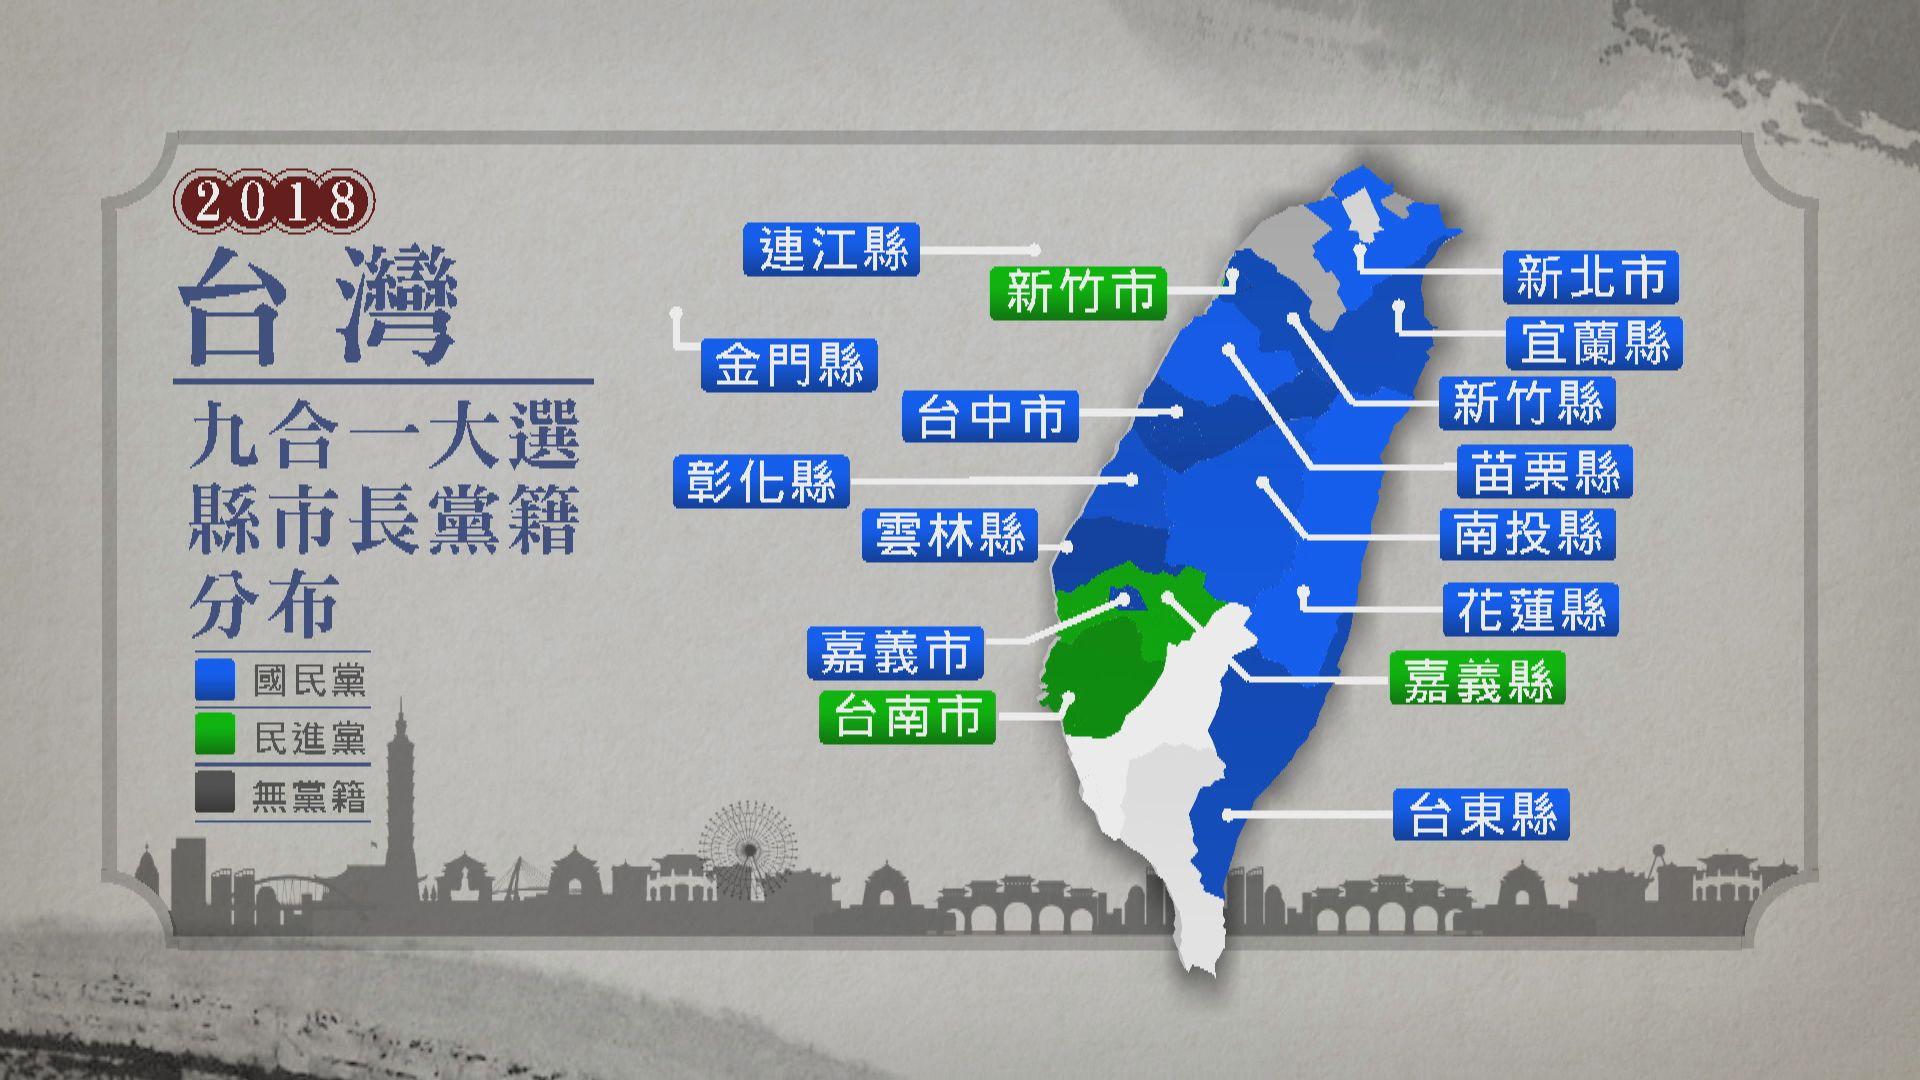 台灣九合一選舉 國民黨暫得13席民進黨暫得3席